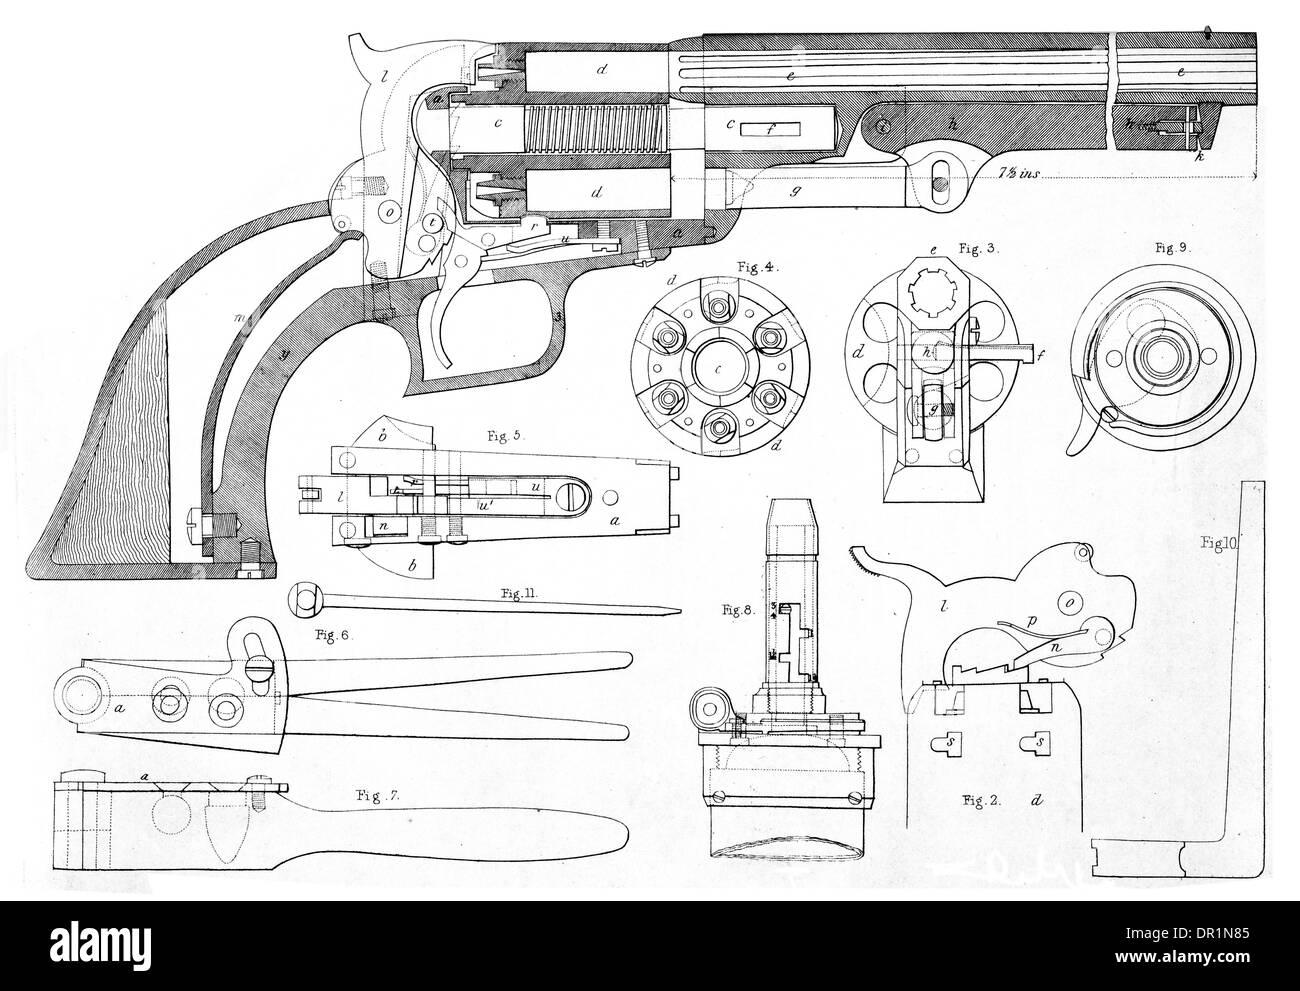 La patente de pistola colt de repetición en la sección transversal mostrando todas las piezas. circa 1889 Foto de stock